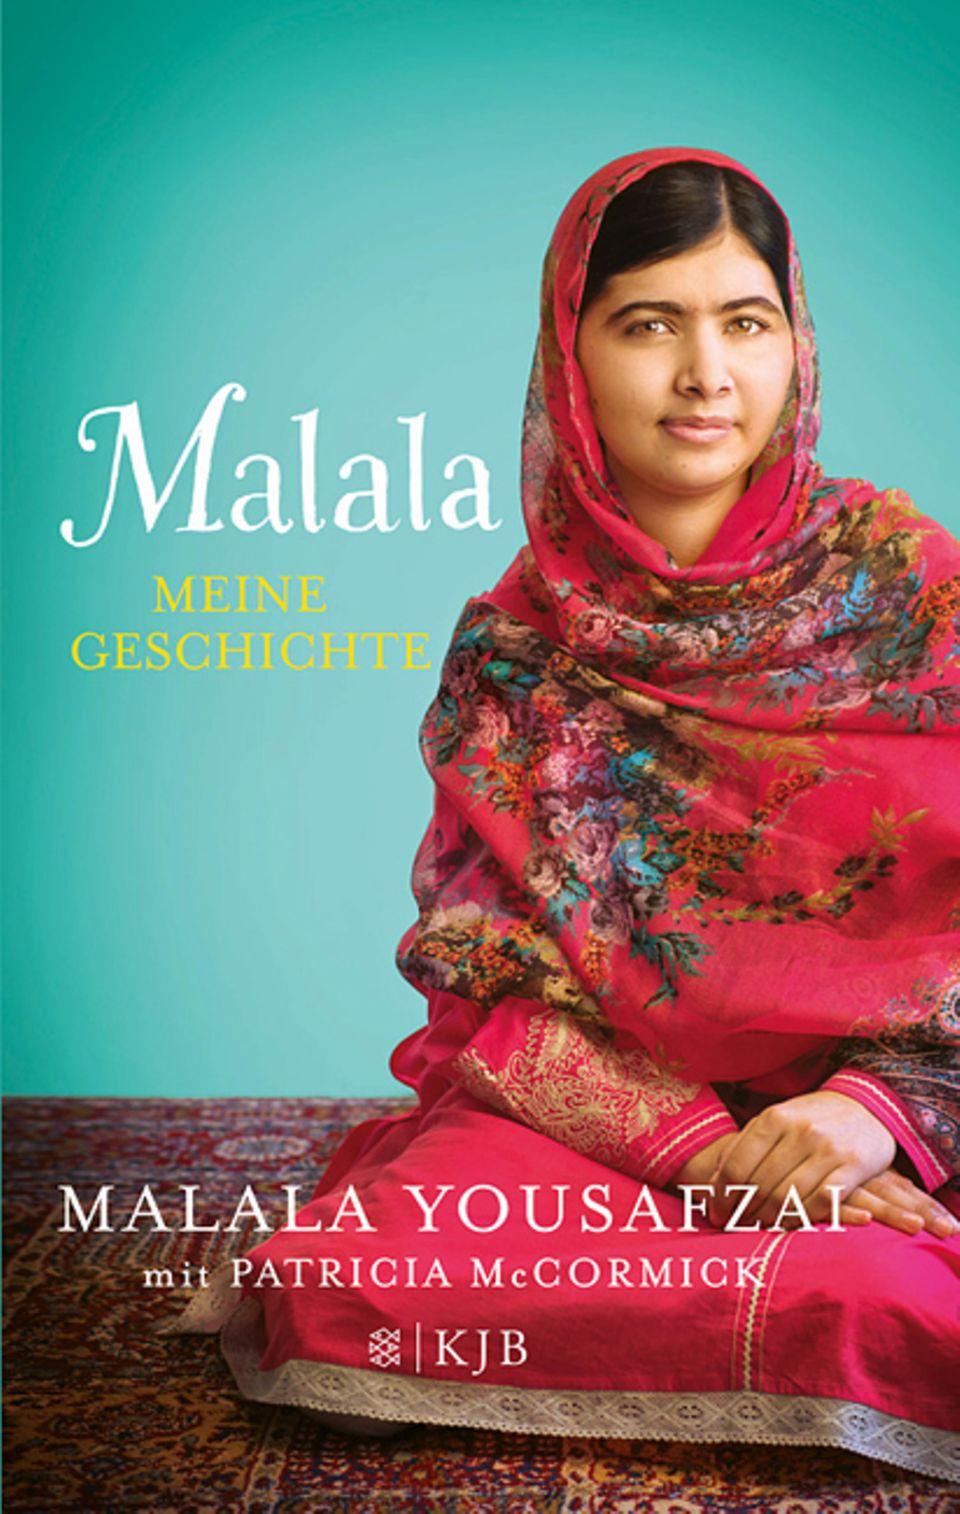 """Buchtipp: """"Malala - Meine Geschichte"""" ist im S. Fischer Verlag erschienen, 270 Seiten, 12,99 Euro"""